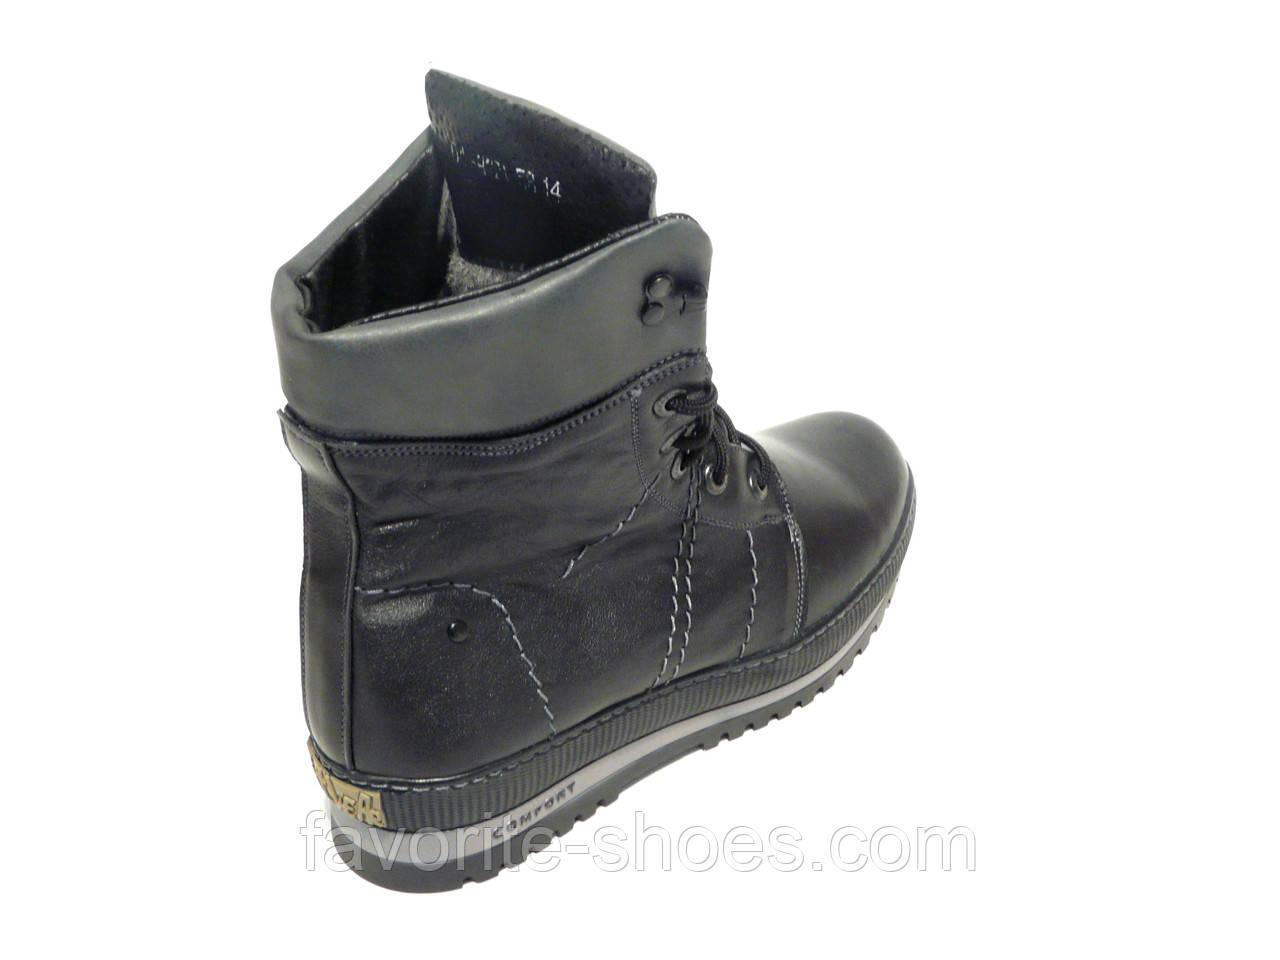 Зимние мужские кожаные ботинки Adore высокий